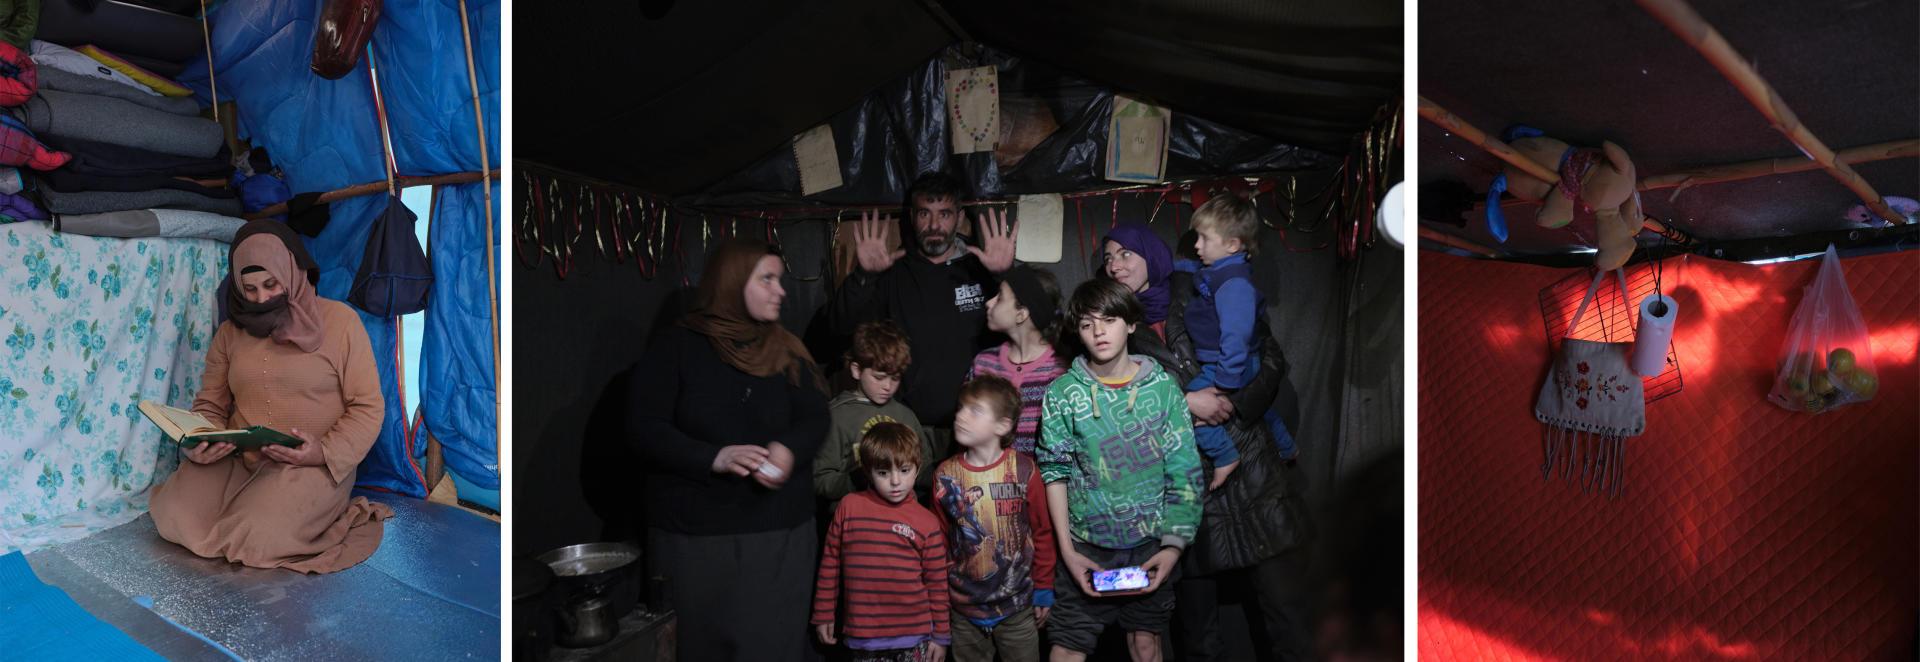 De gauche à droite : 1- Hanan Nasa, de Syrie, enceinte de son deuxieme enfant, lit dans sa tente. 2-Neuf des dix membres de la famille Adami, de Syrie, dans leur maison de fortune. 3- Intérieur d'une tente. Les 18 et 19 févrierà Samos.